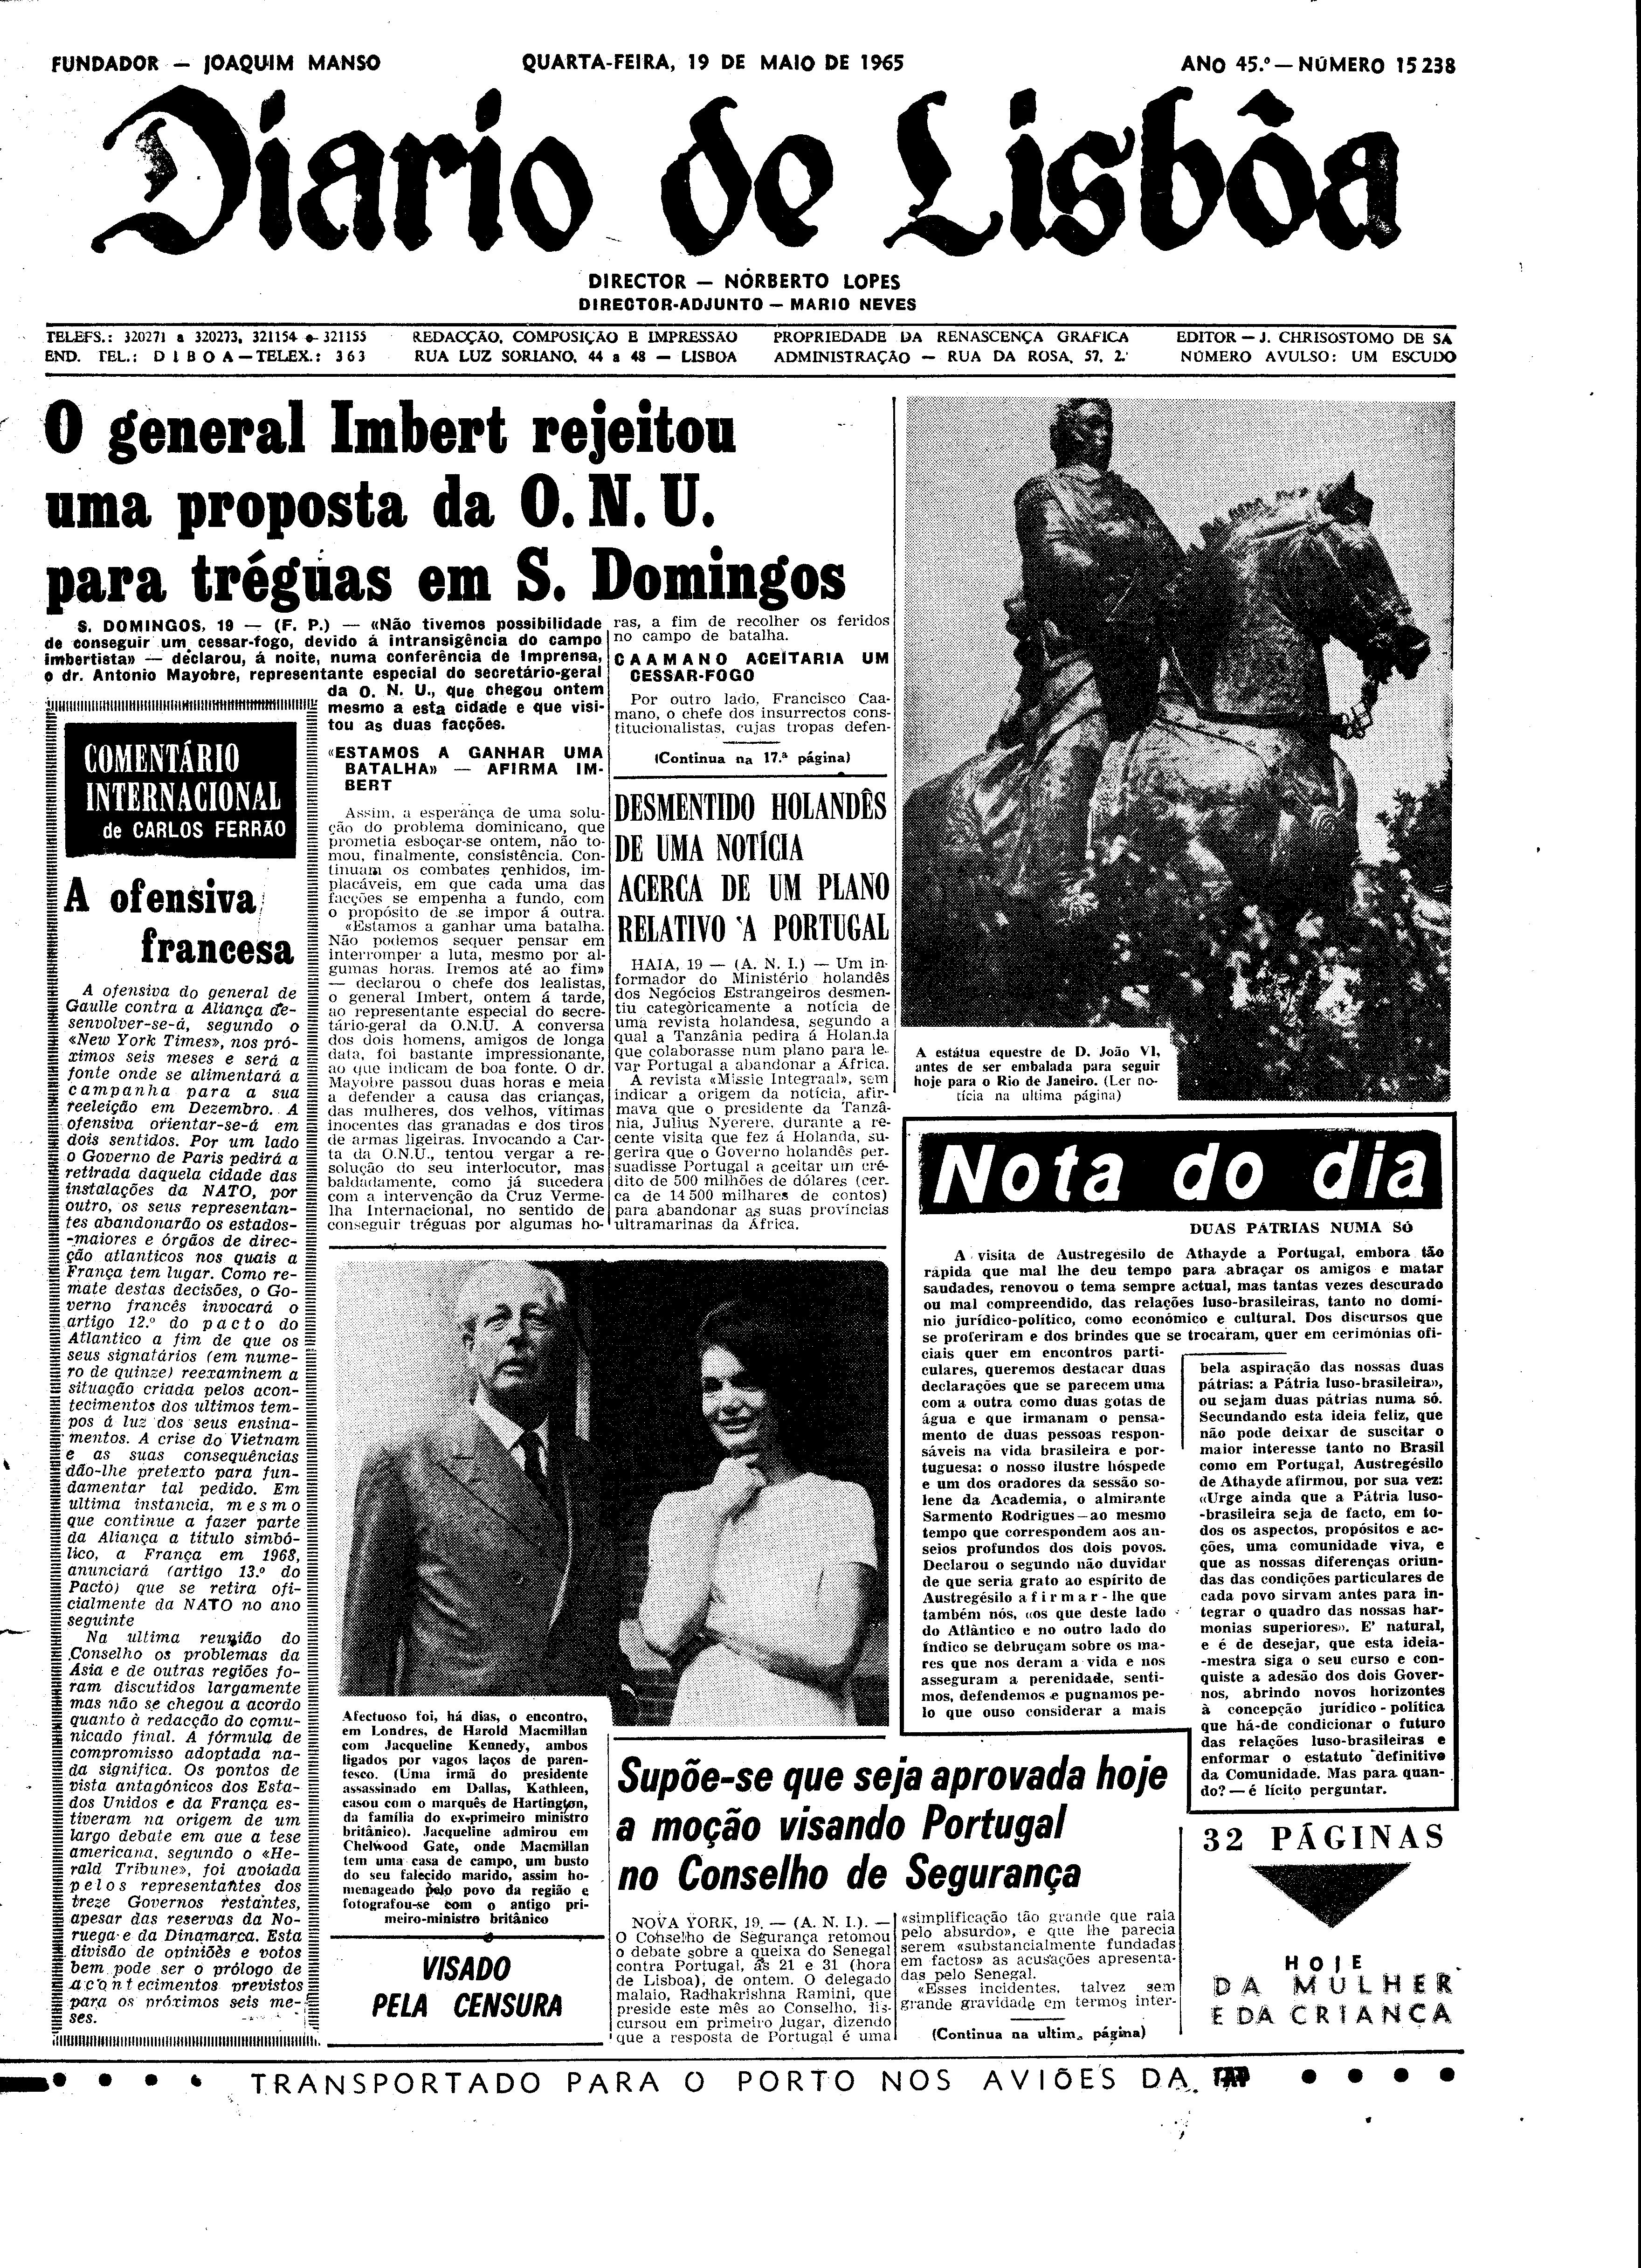 06560.098.19570- pag.1